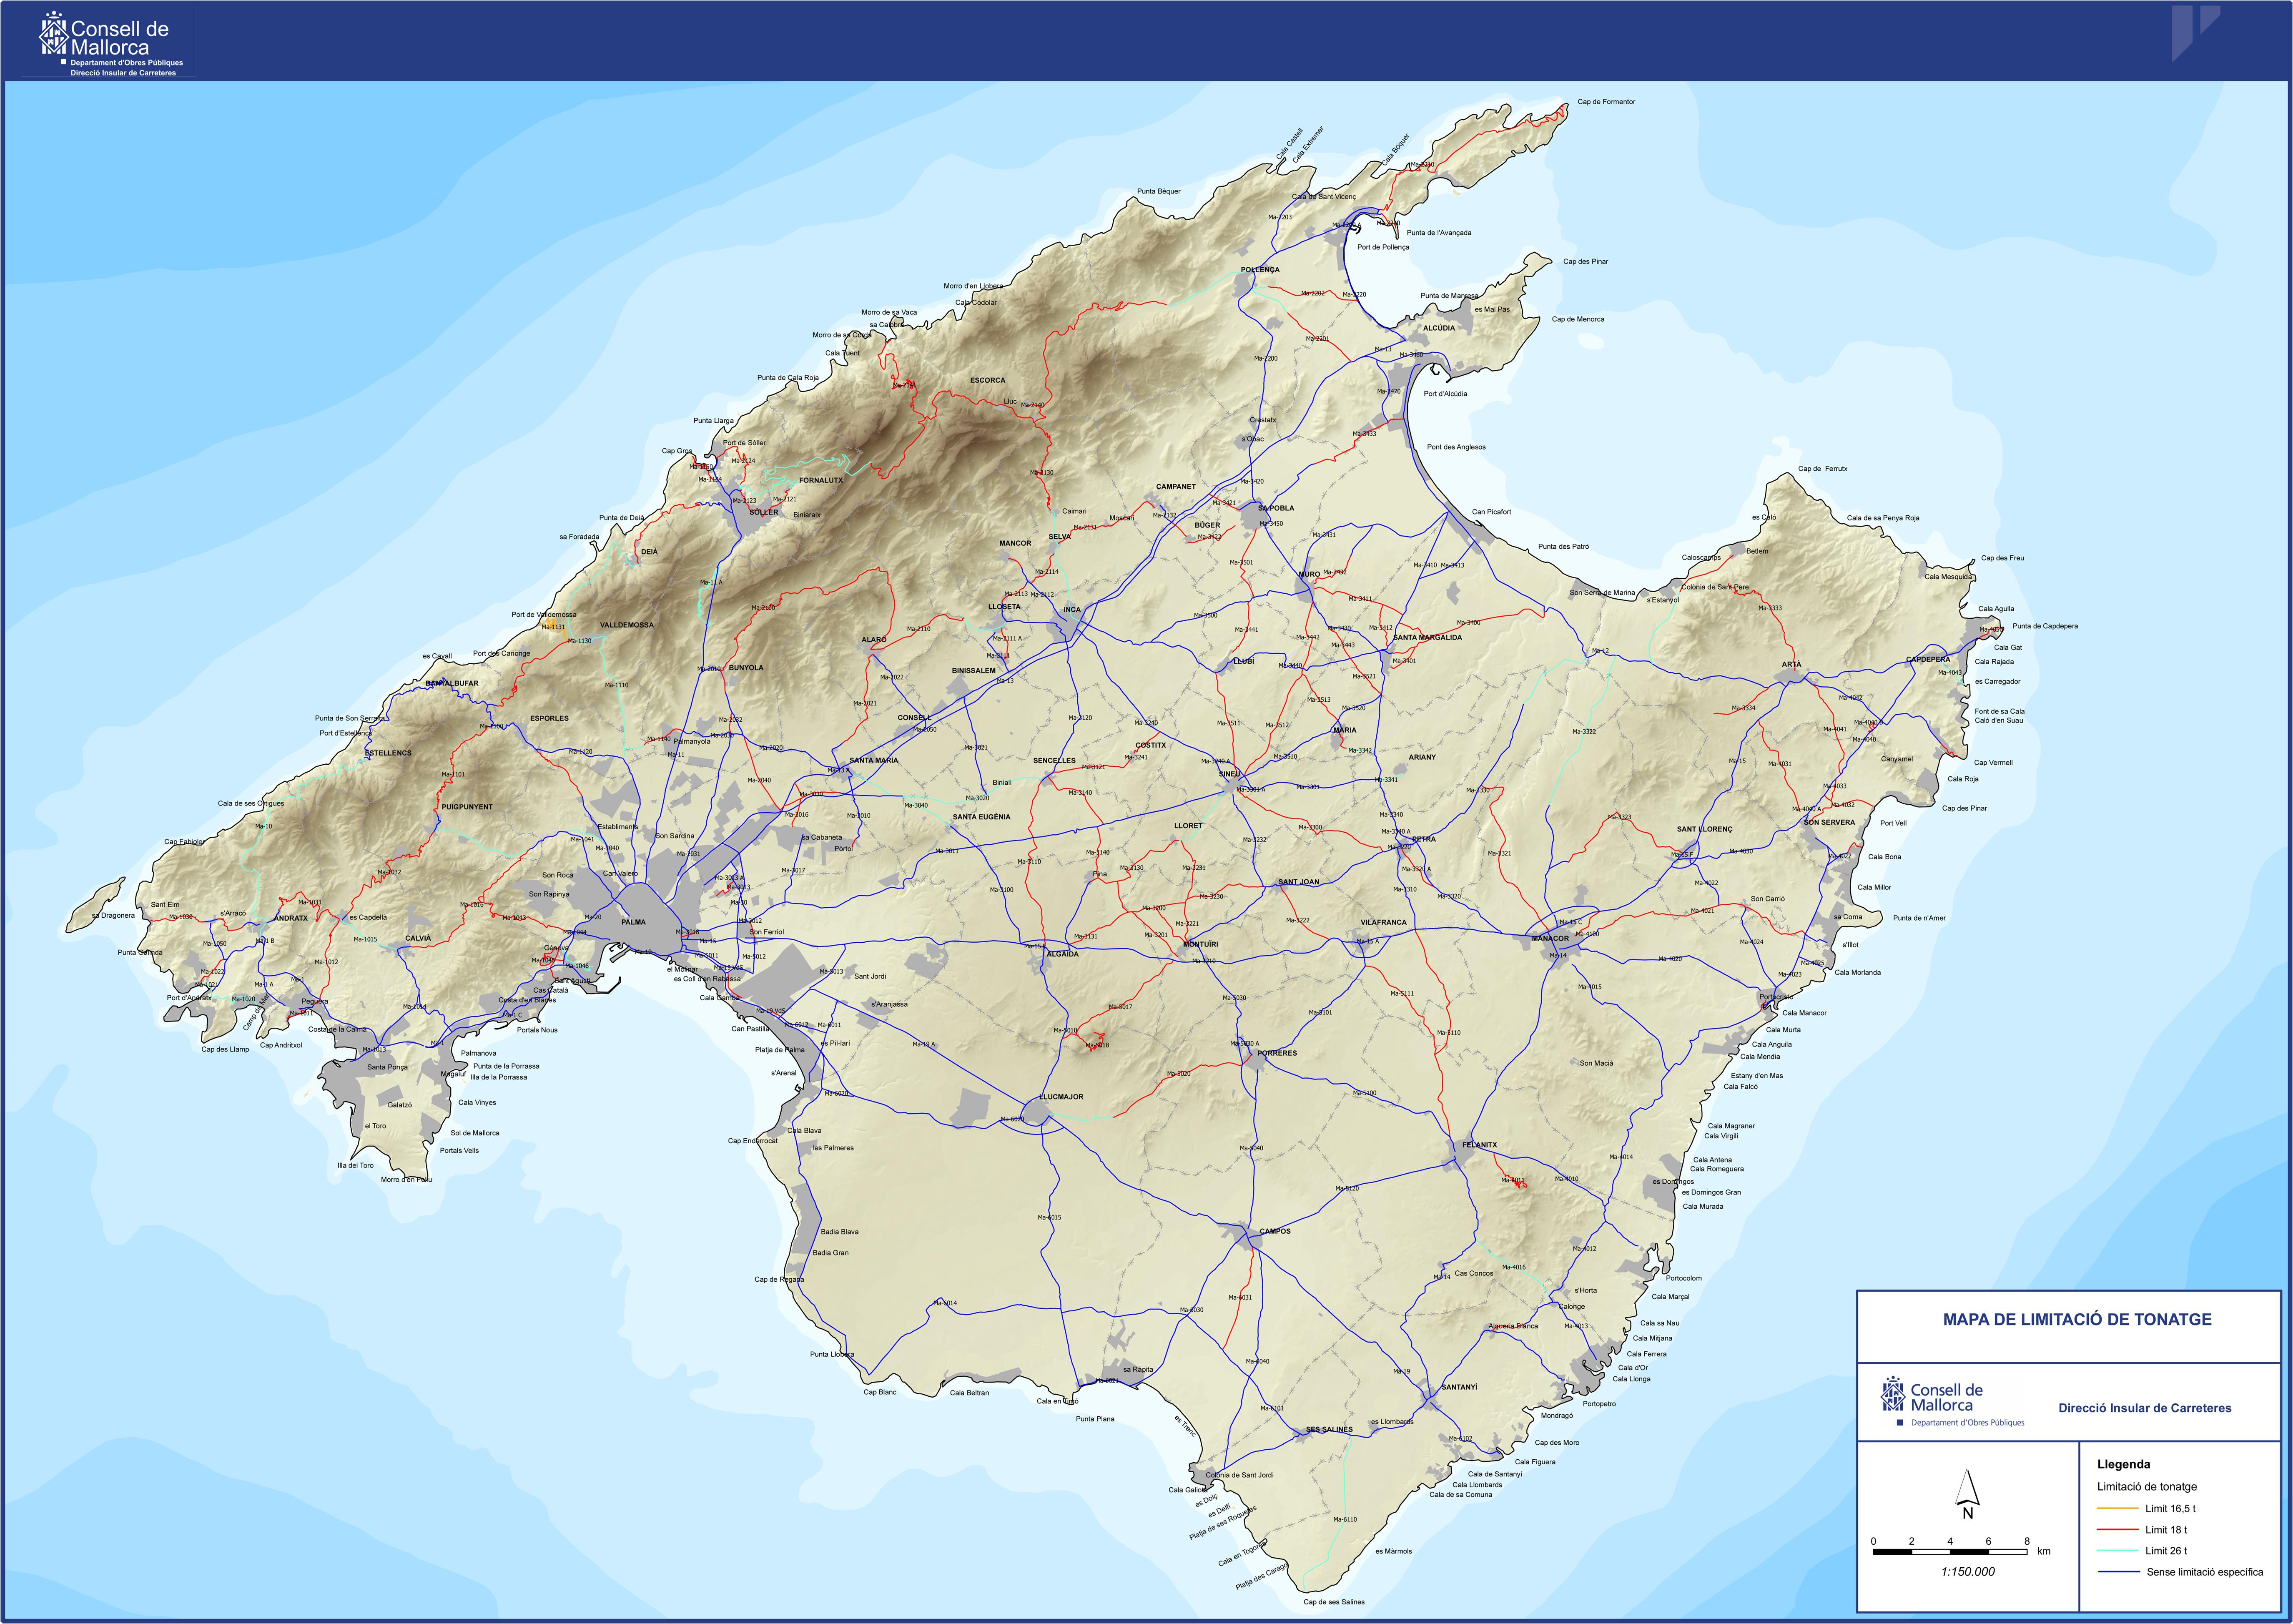 Mapa Carreteras De Mallorca.El Trafico Consell De Mallorca